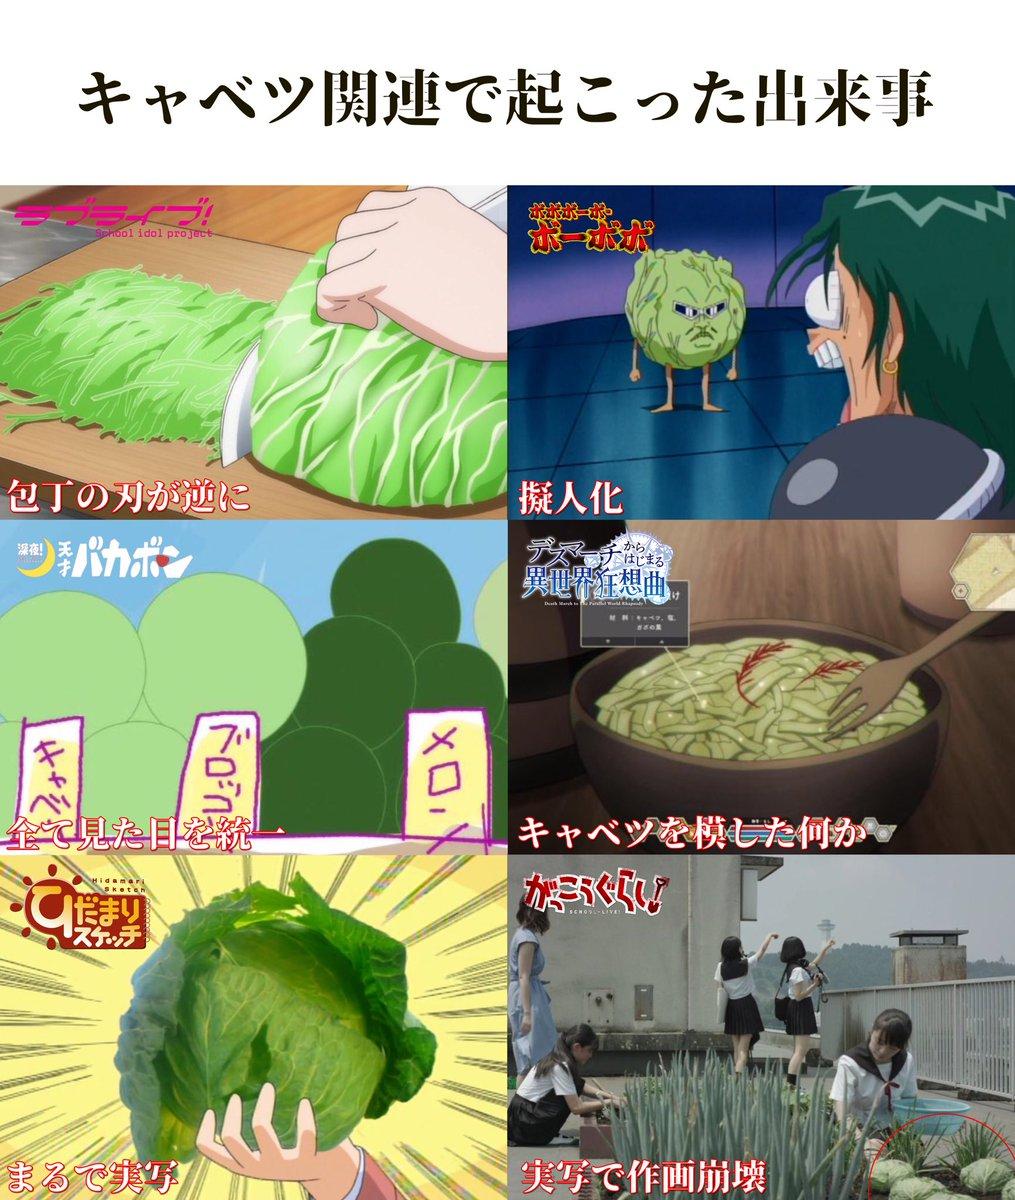 あるアニメによって?アニメ作品におけるキャベツの重要性が増す!